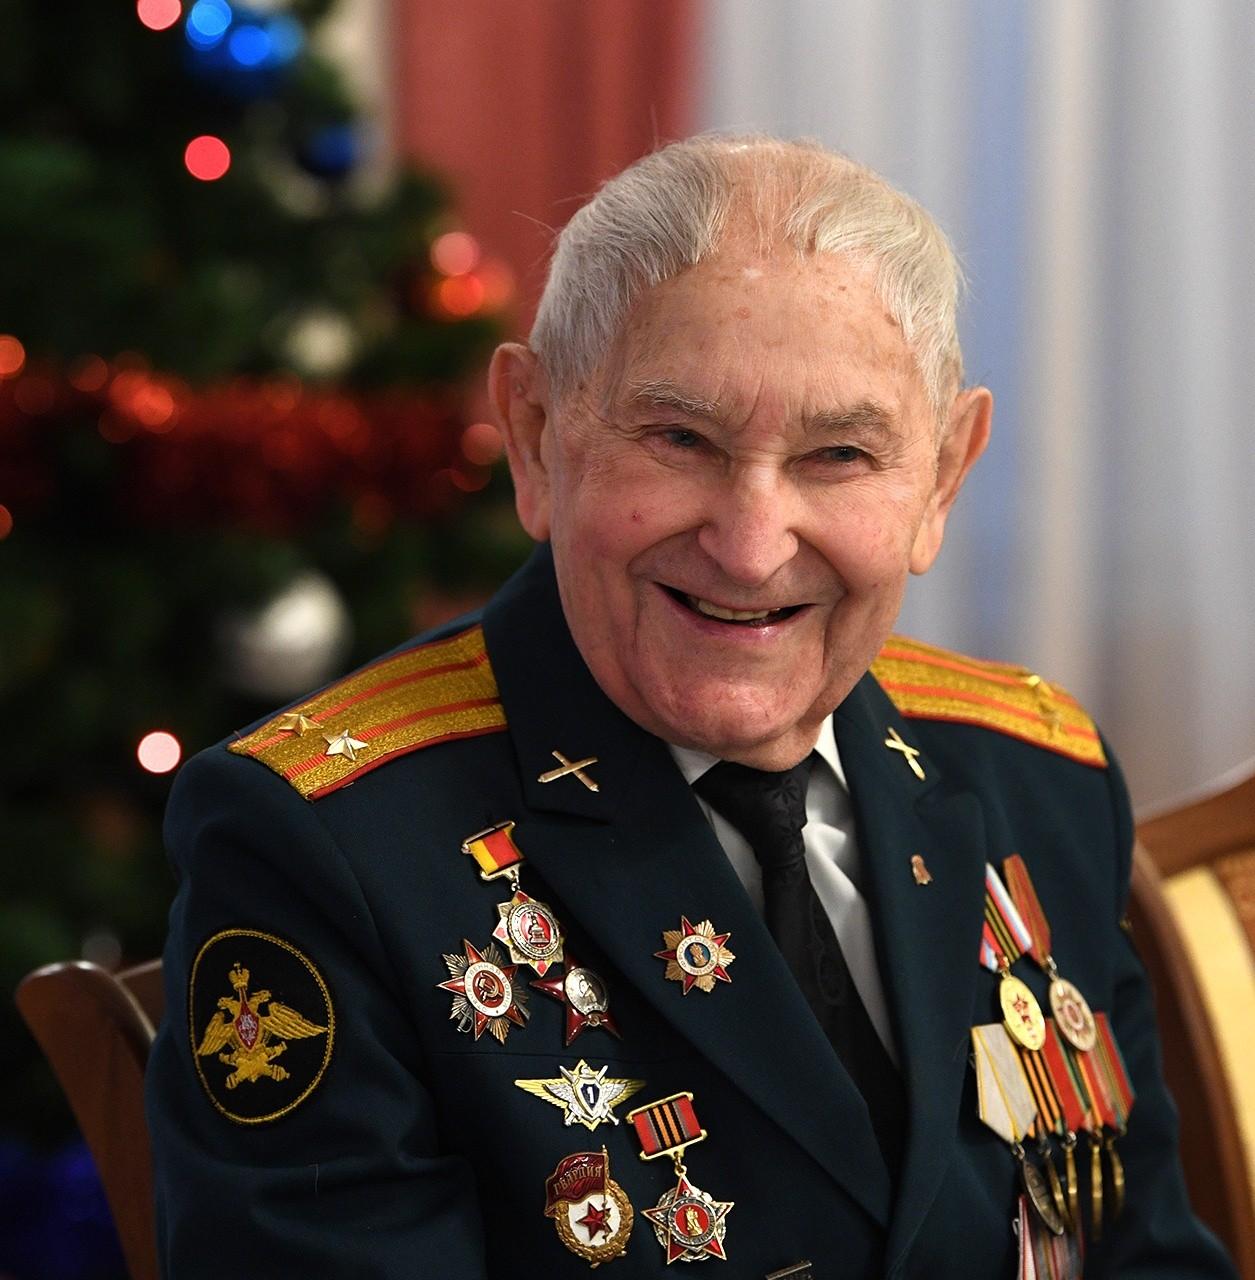 Иван Кладкевич: Главное для меня – дожить до 75-летия Победы